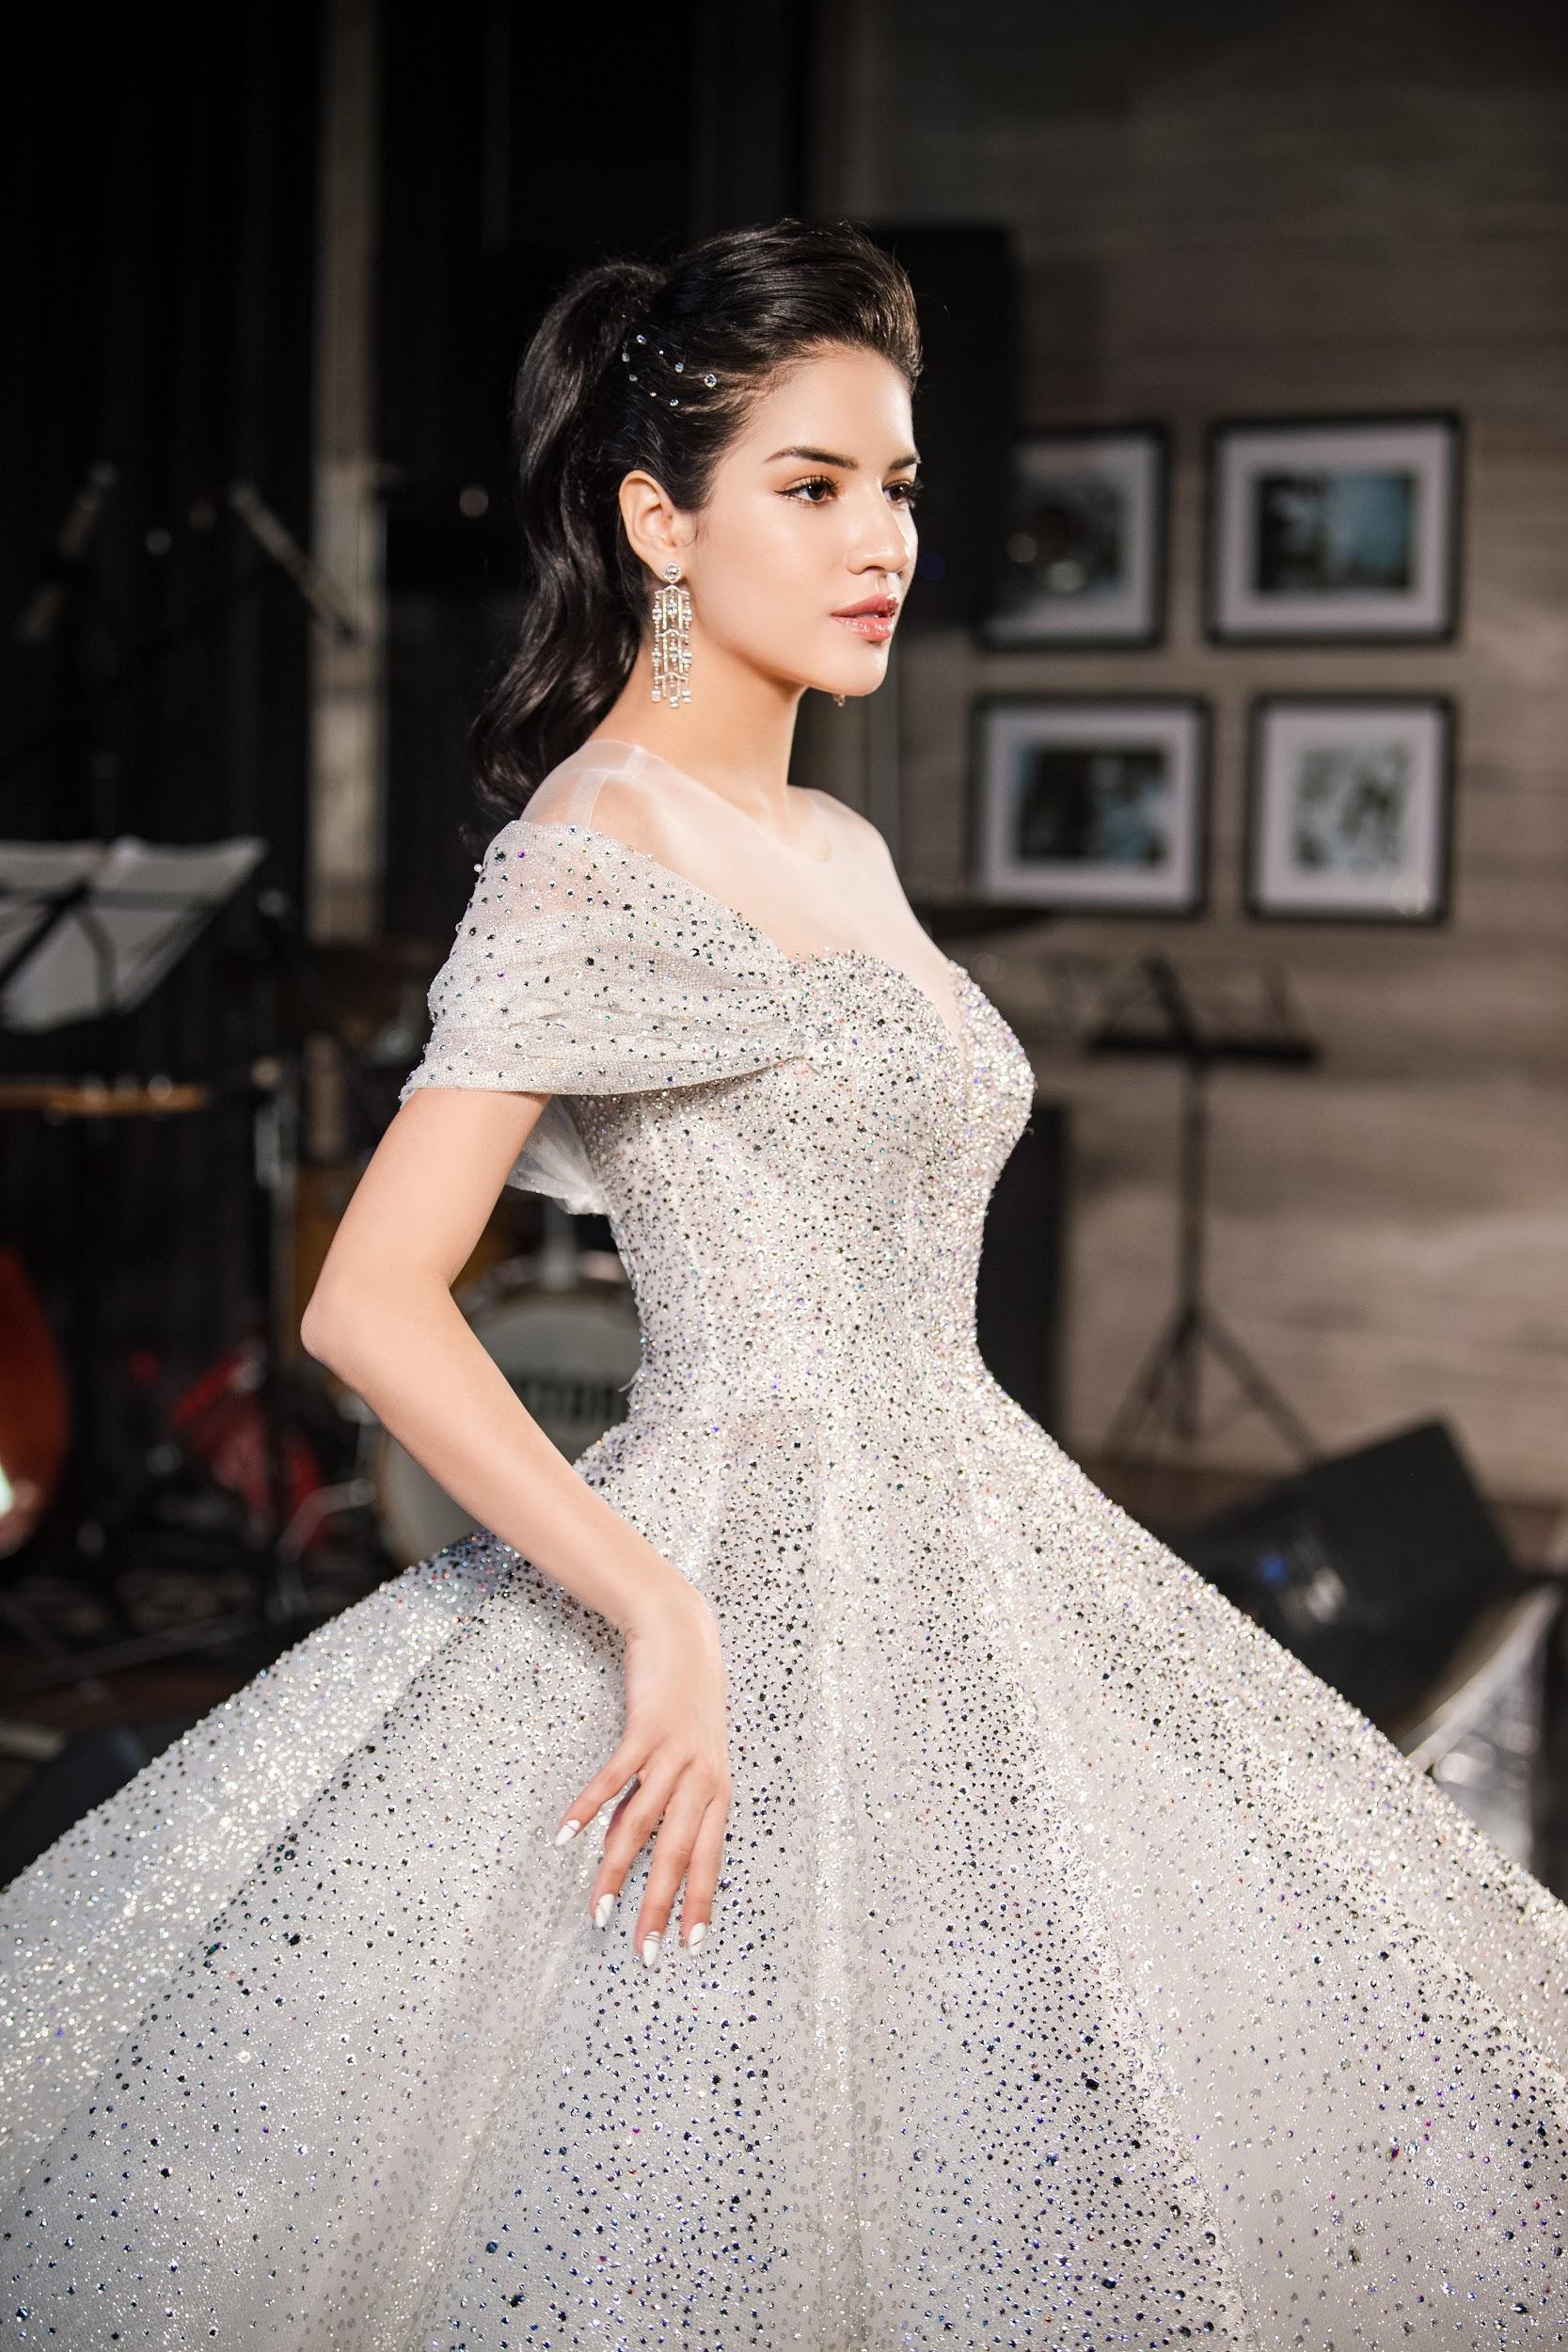 Lecia Bridal ra mắt dòng váy Luxury đính hàng trăm ngàn viên pha lê Swarovski - Ảnh 3.